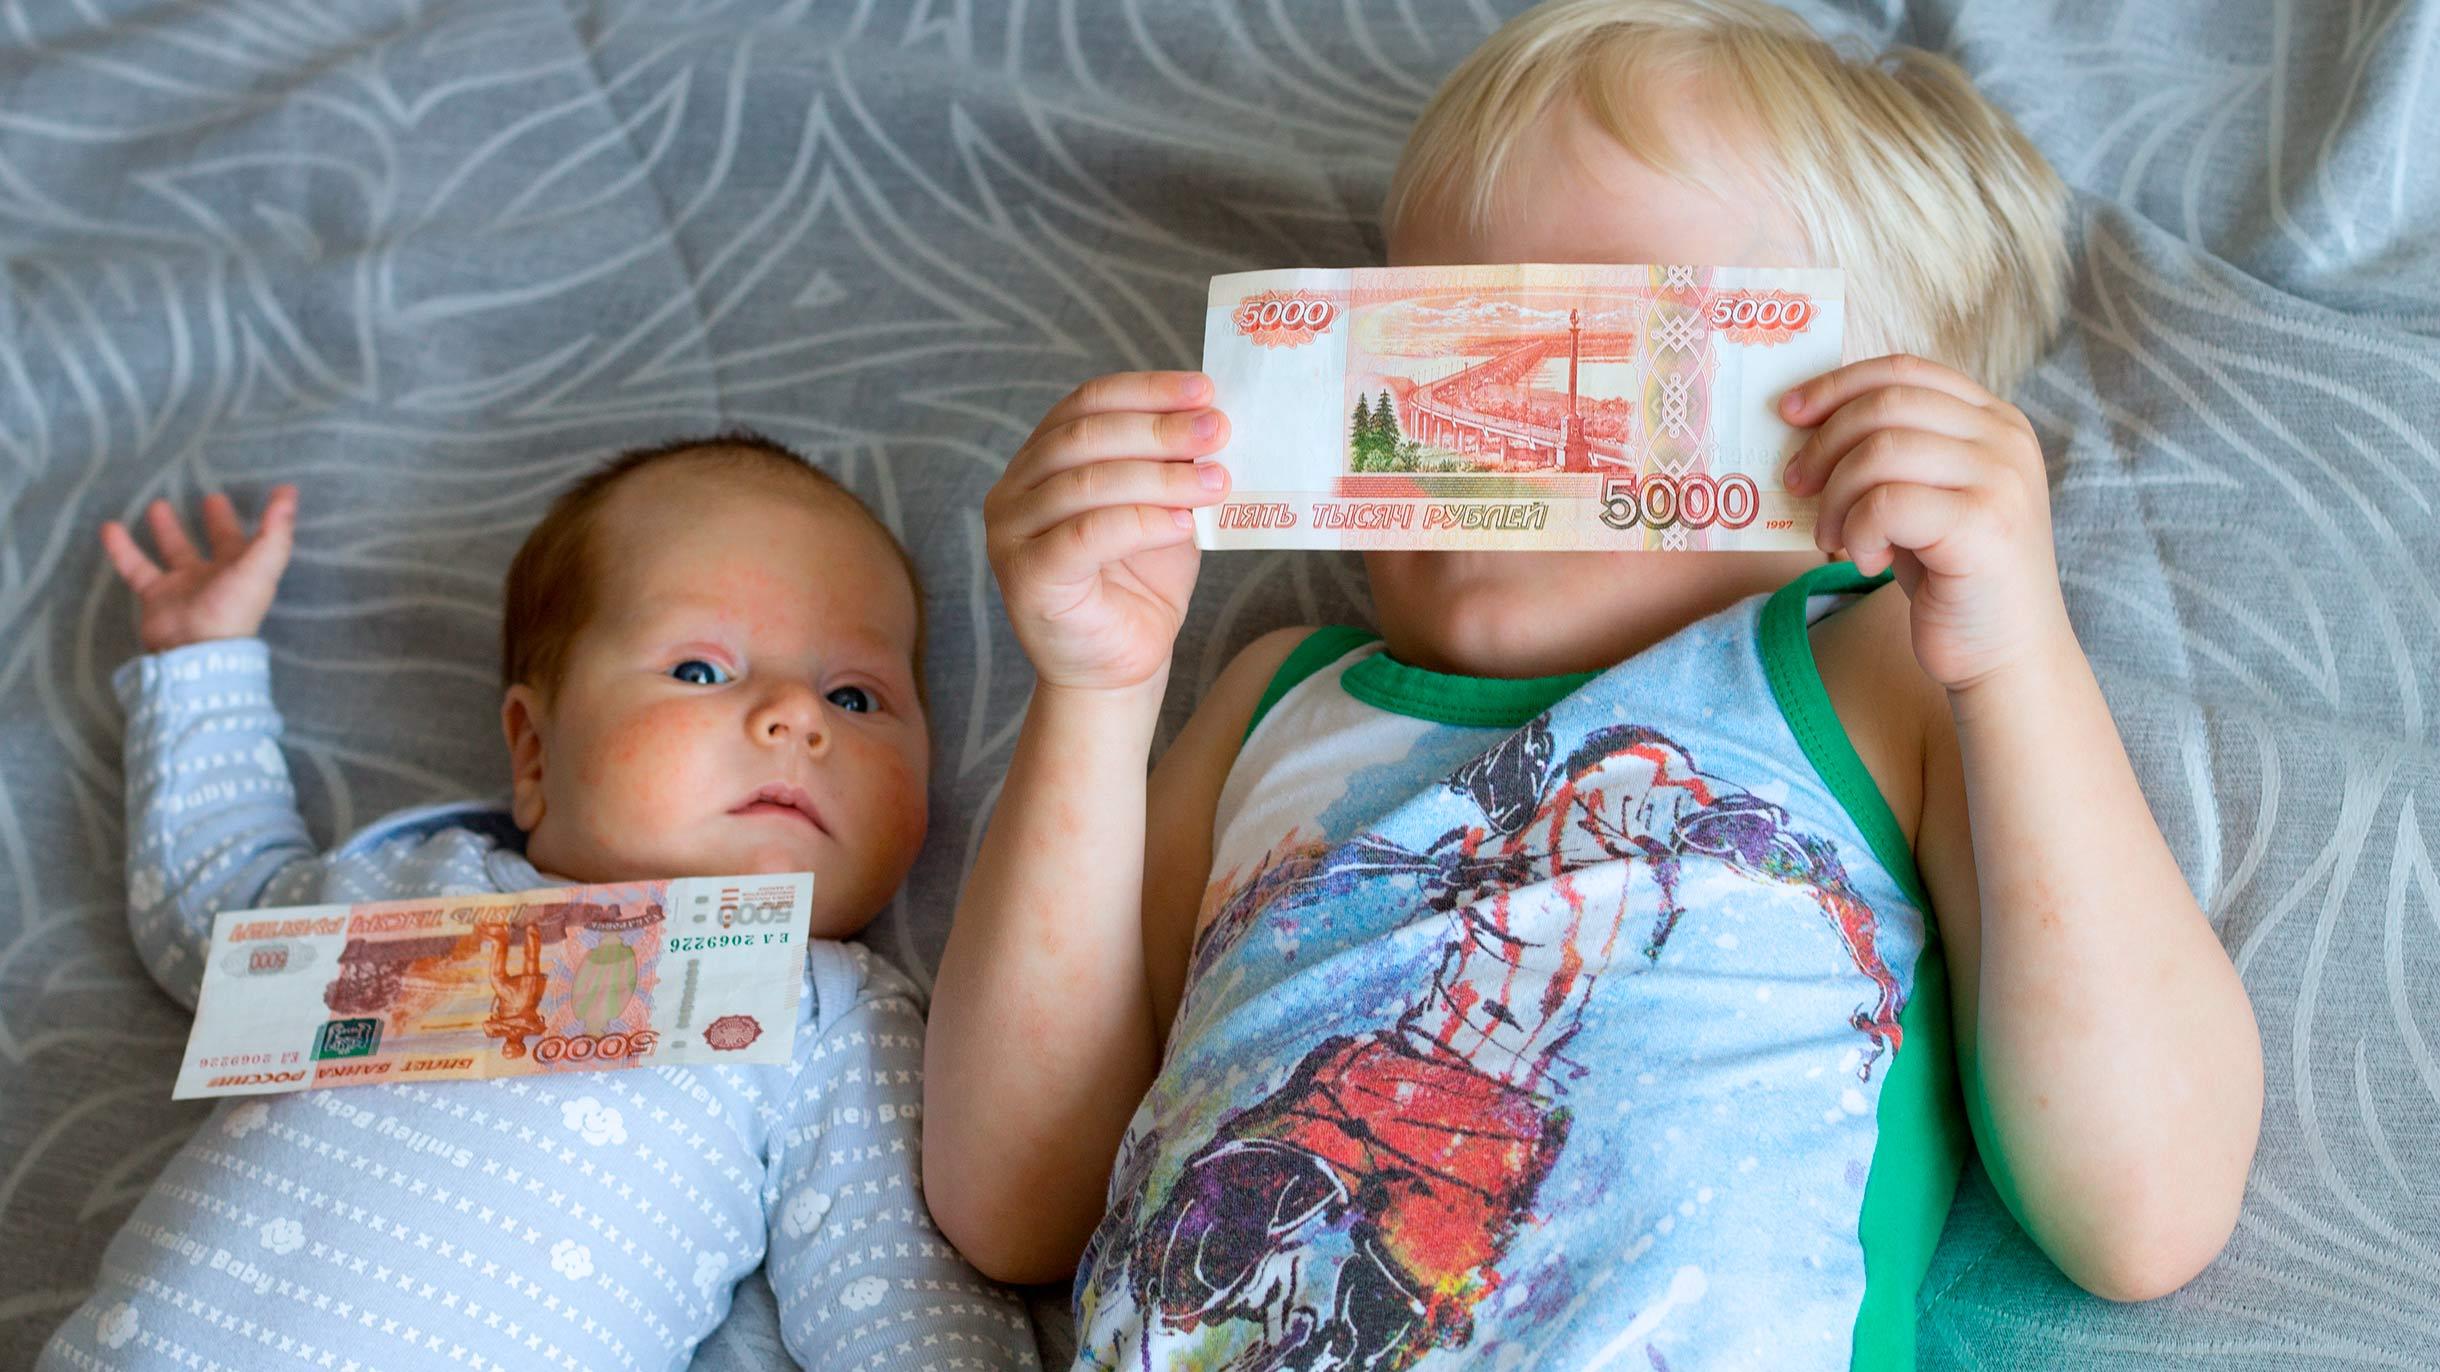 Путинские выплаты на детей: чтоизменилось в мае 2020 года